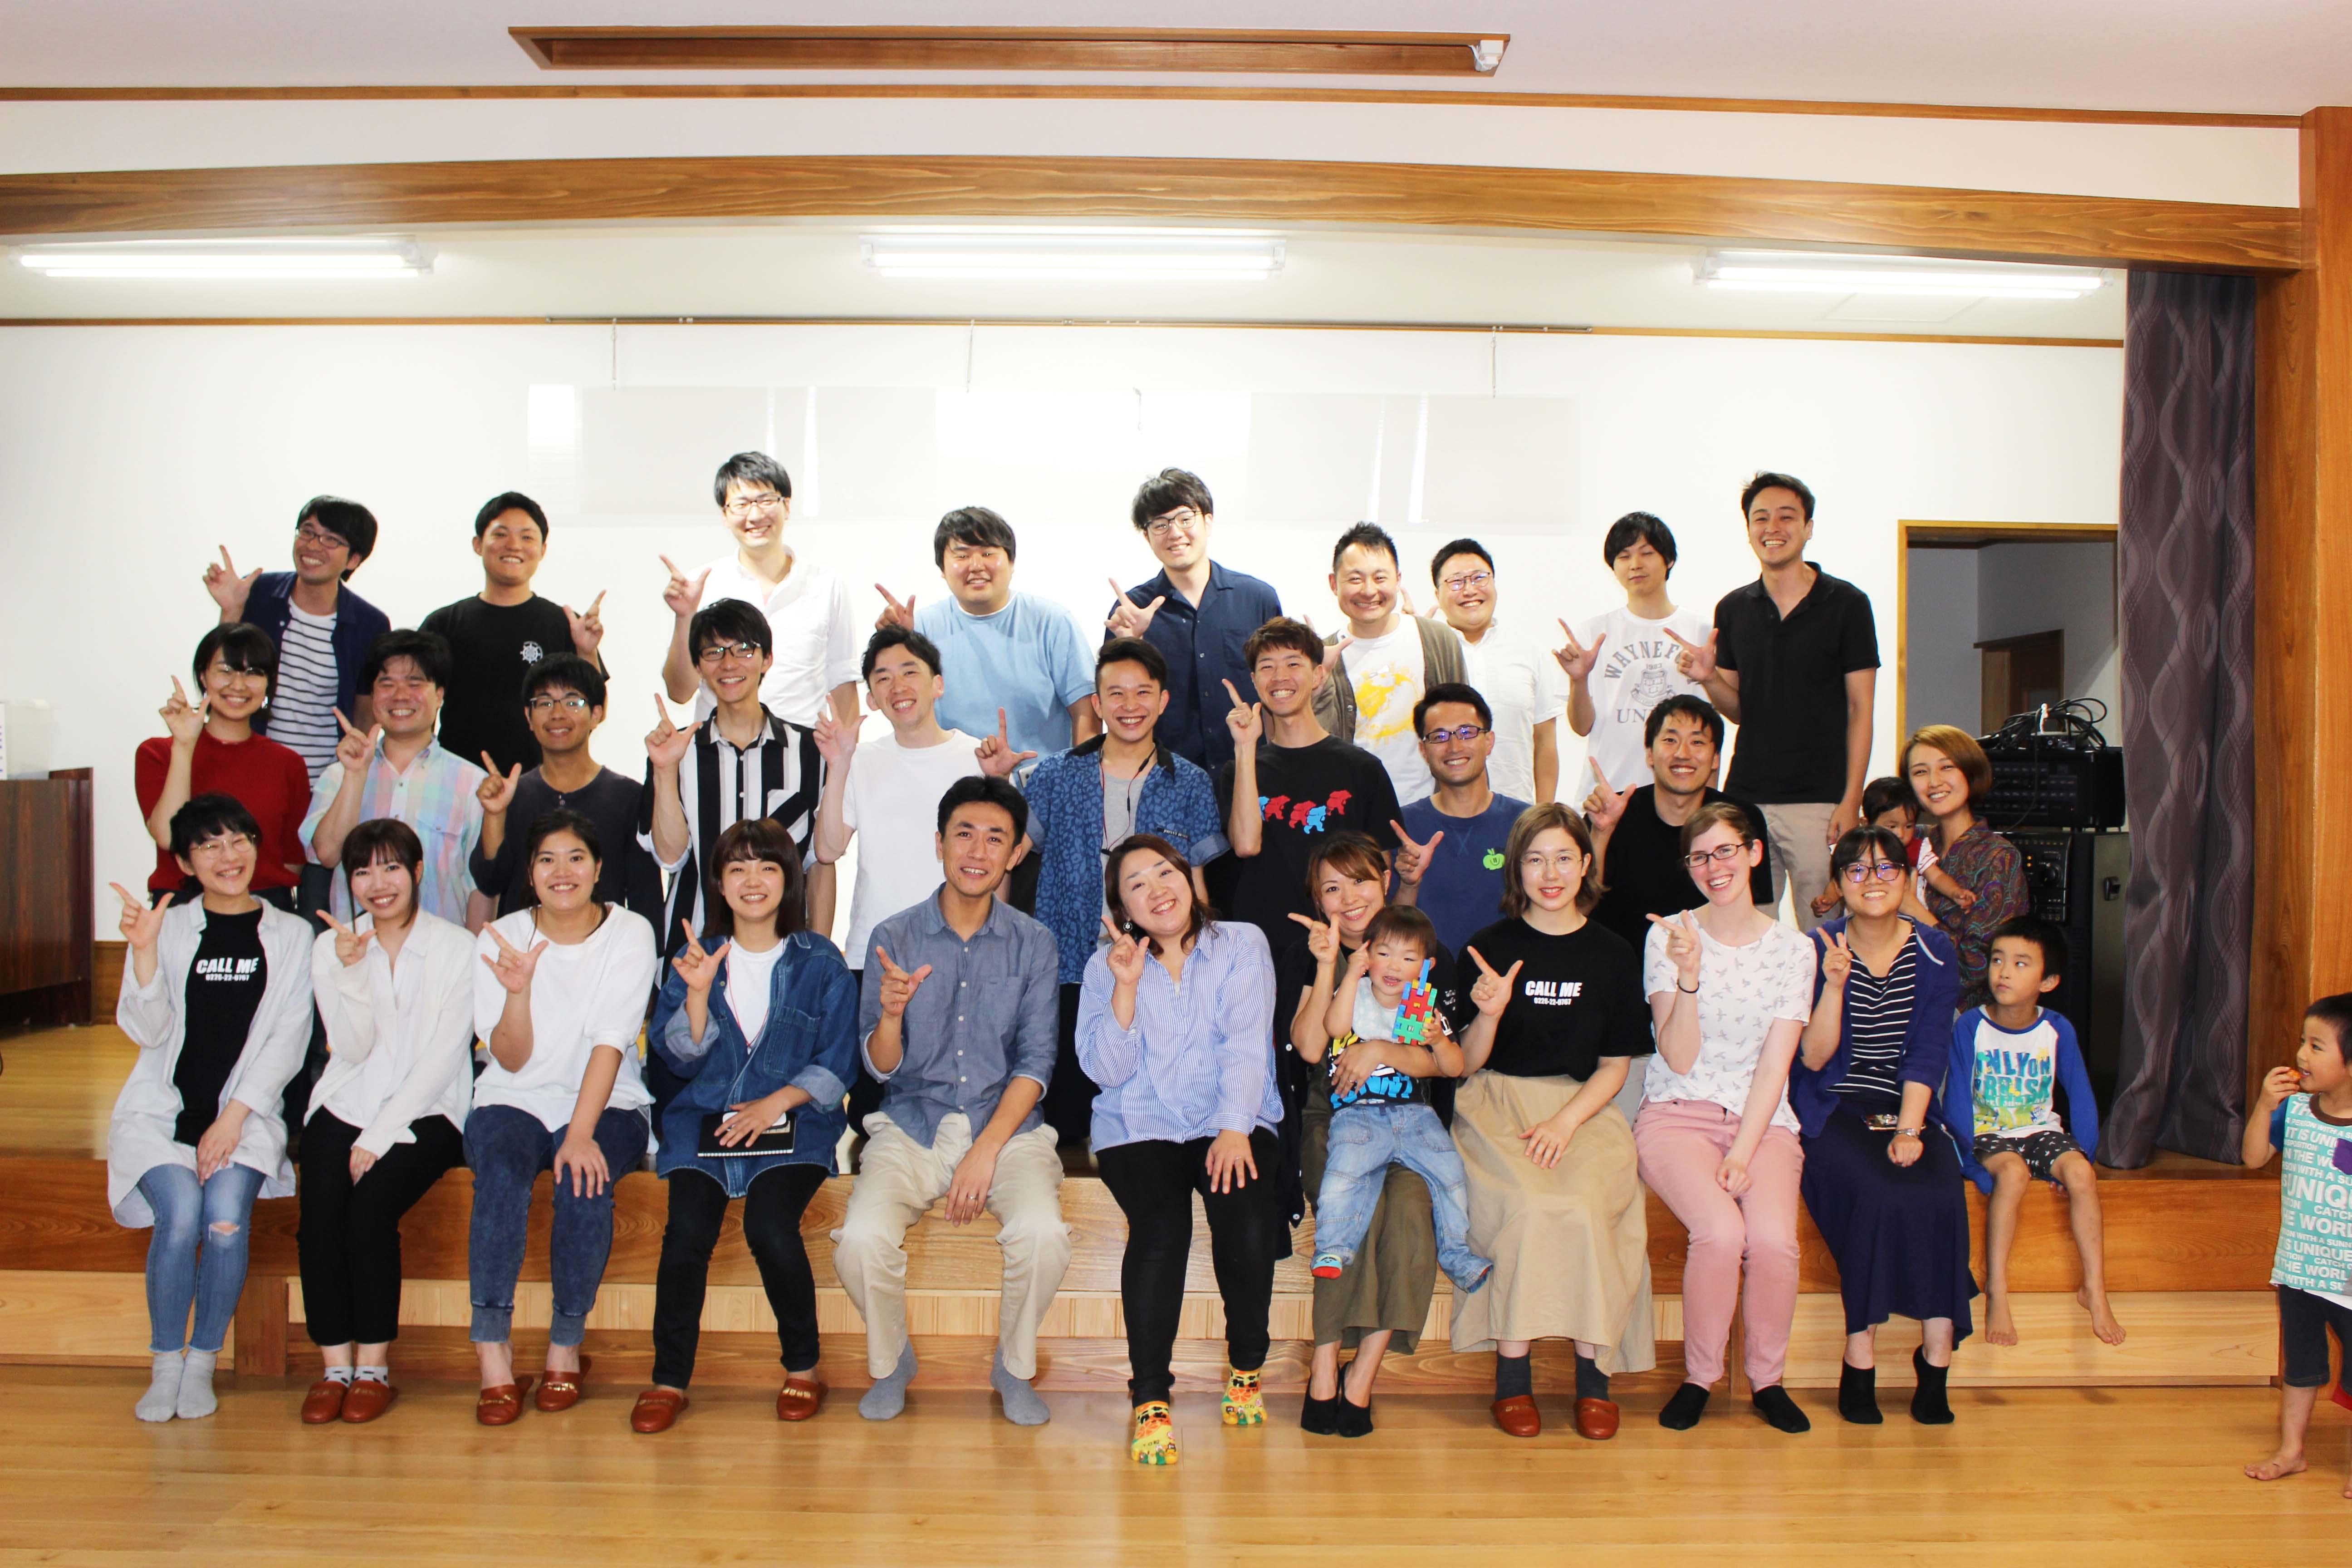 ぬま大学第5期 vol.3